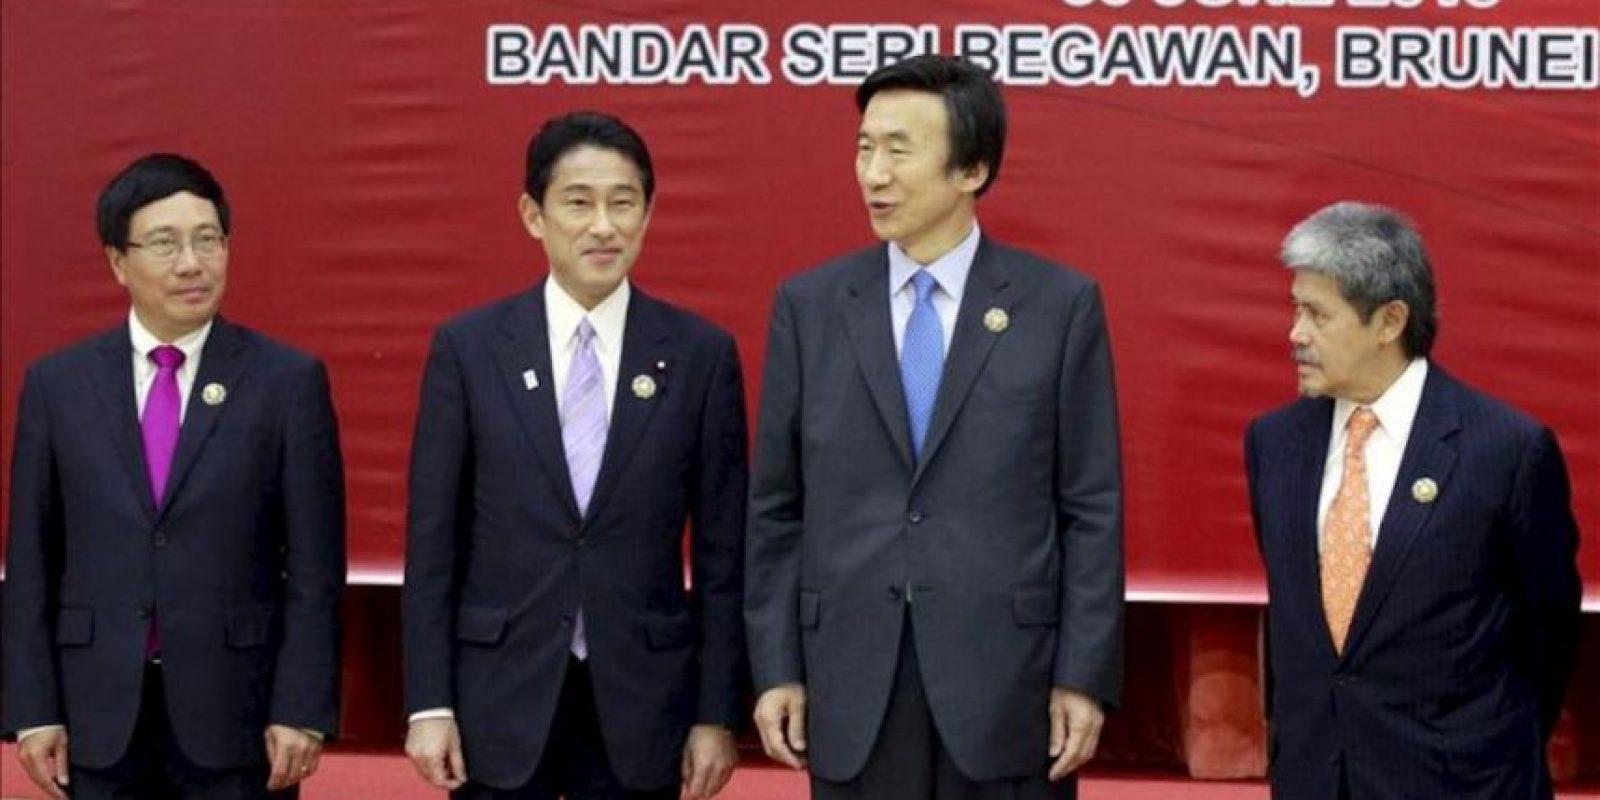 De izquierda a derecha los ministros de Exteriores de Vietnam, Pham Binh Minh, de Japón, Kishida Fumio, de Corea del Sur, Yun Byung Se, y de Brunei, Mohamed Bolkiah posan en la Cumbre de la ASEAN. EFE